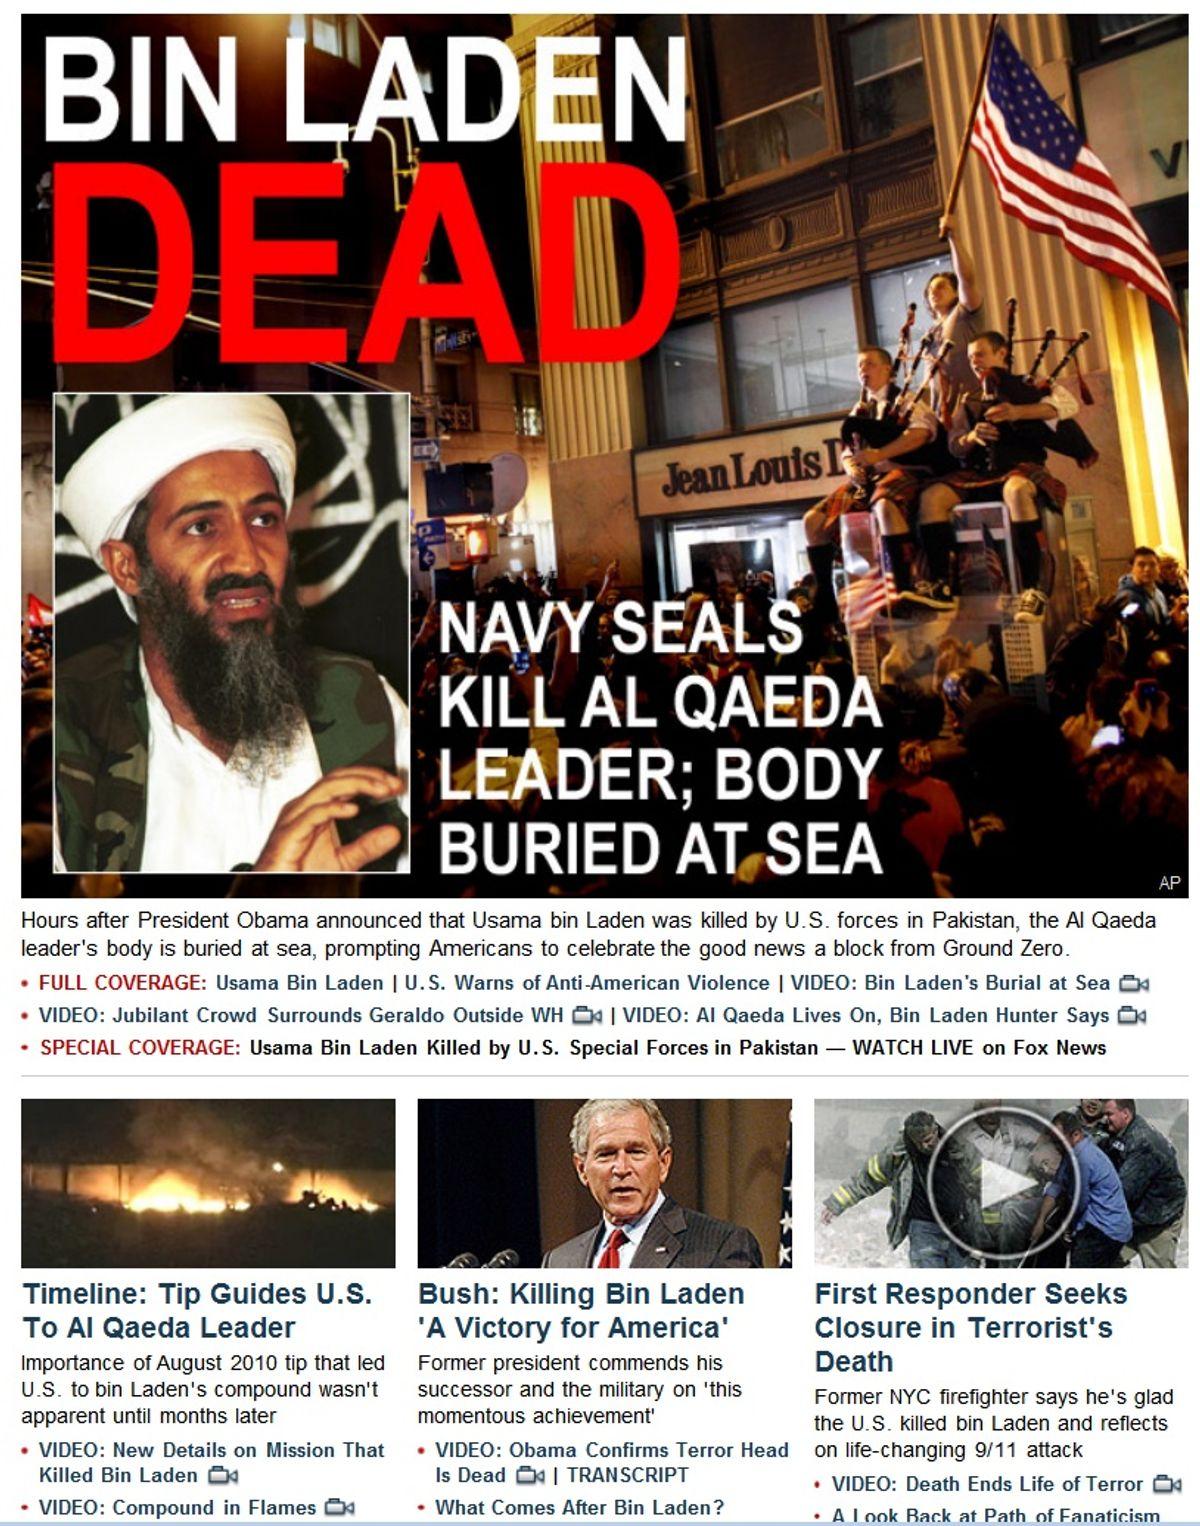 Screenshot from Fox News website